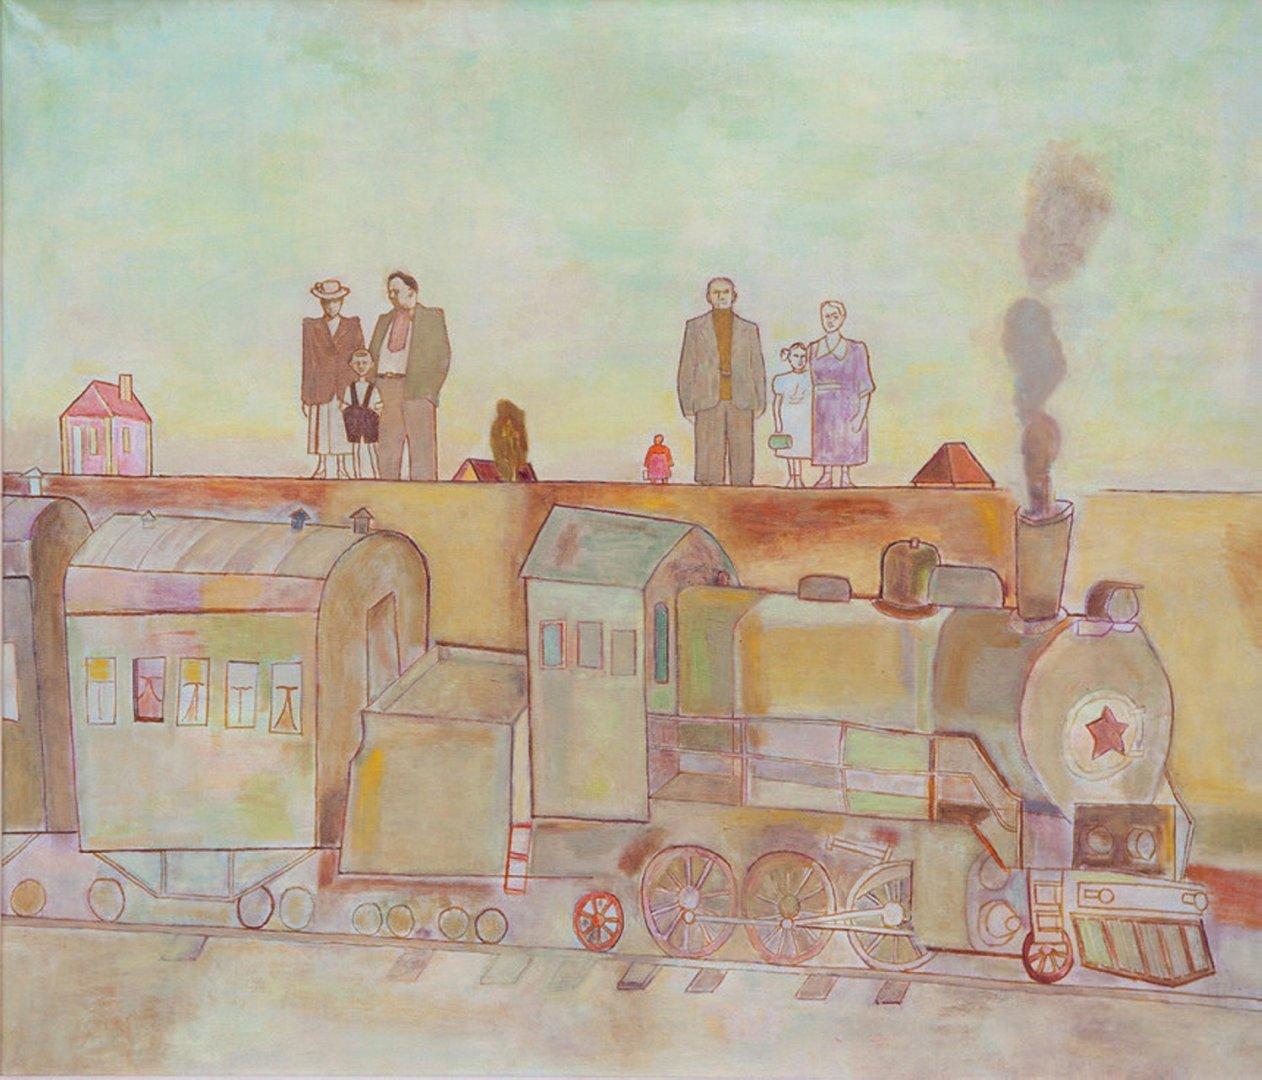 «Ожидание», Николай Пеганов, 2005, холст, масло